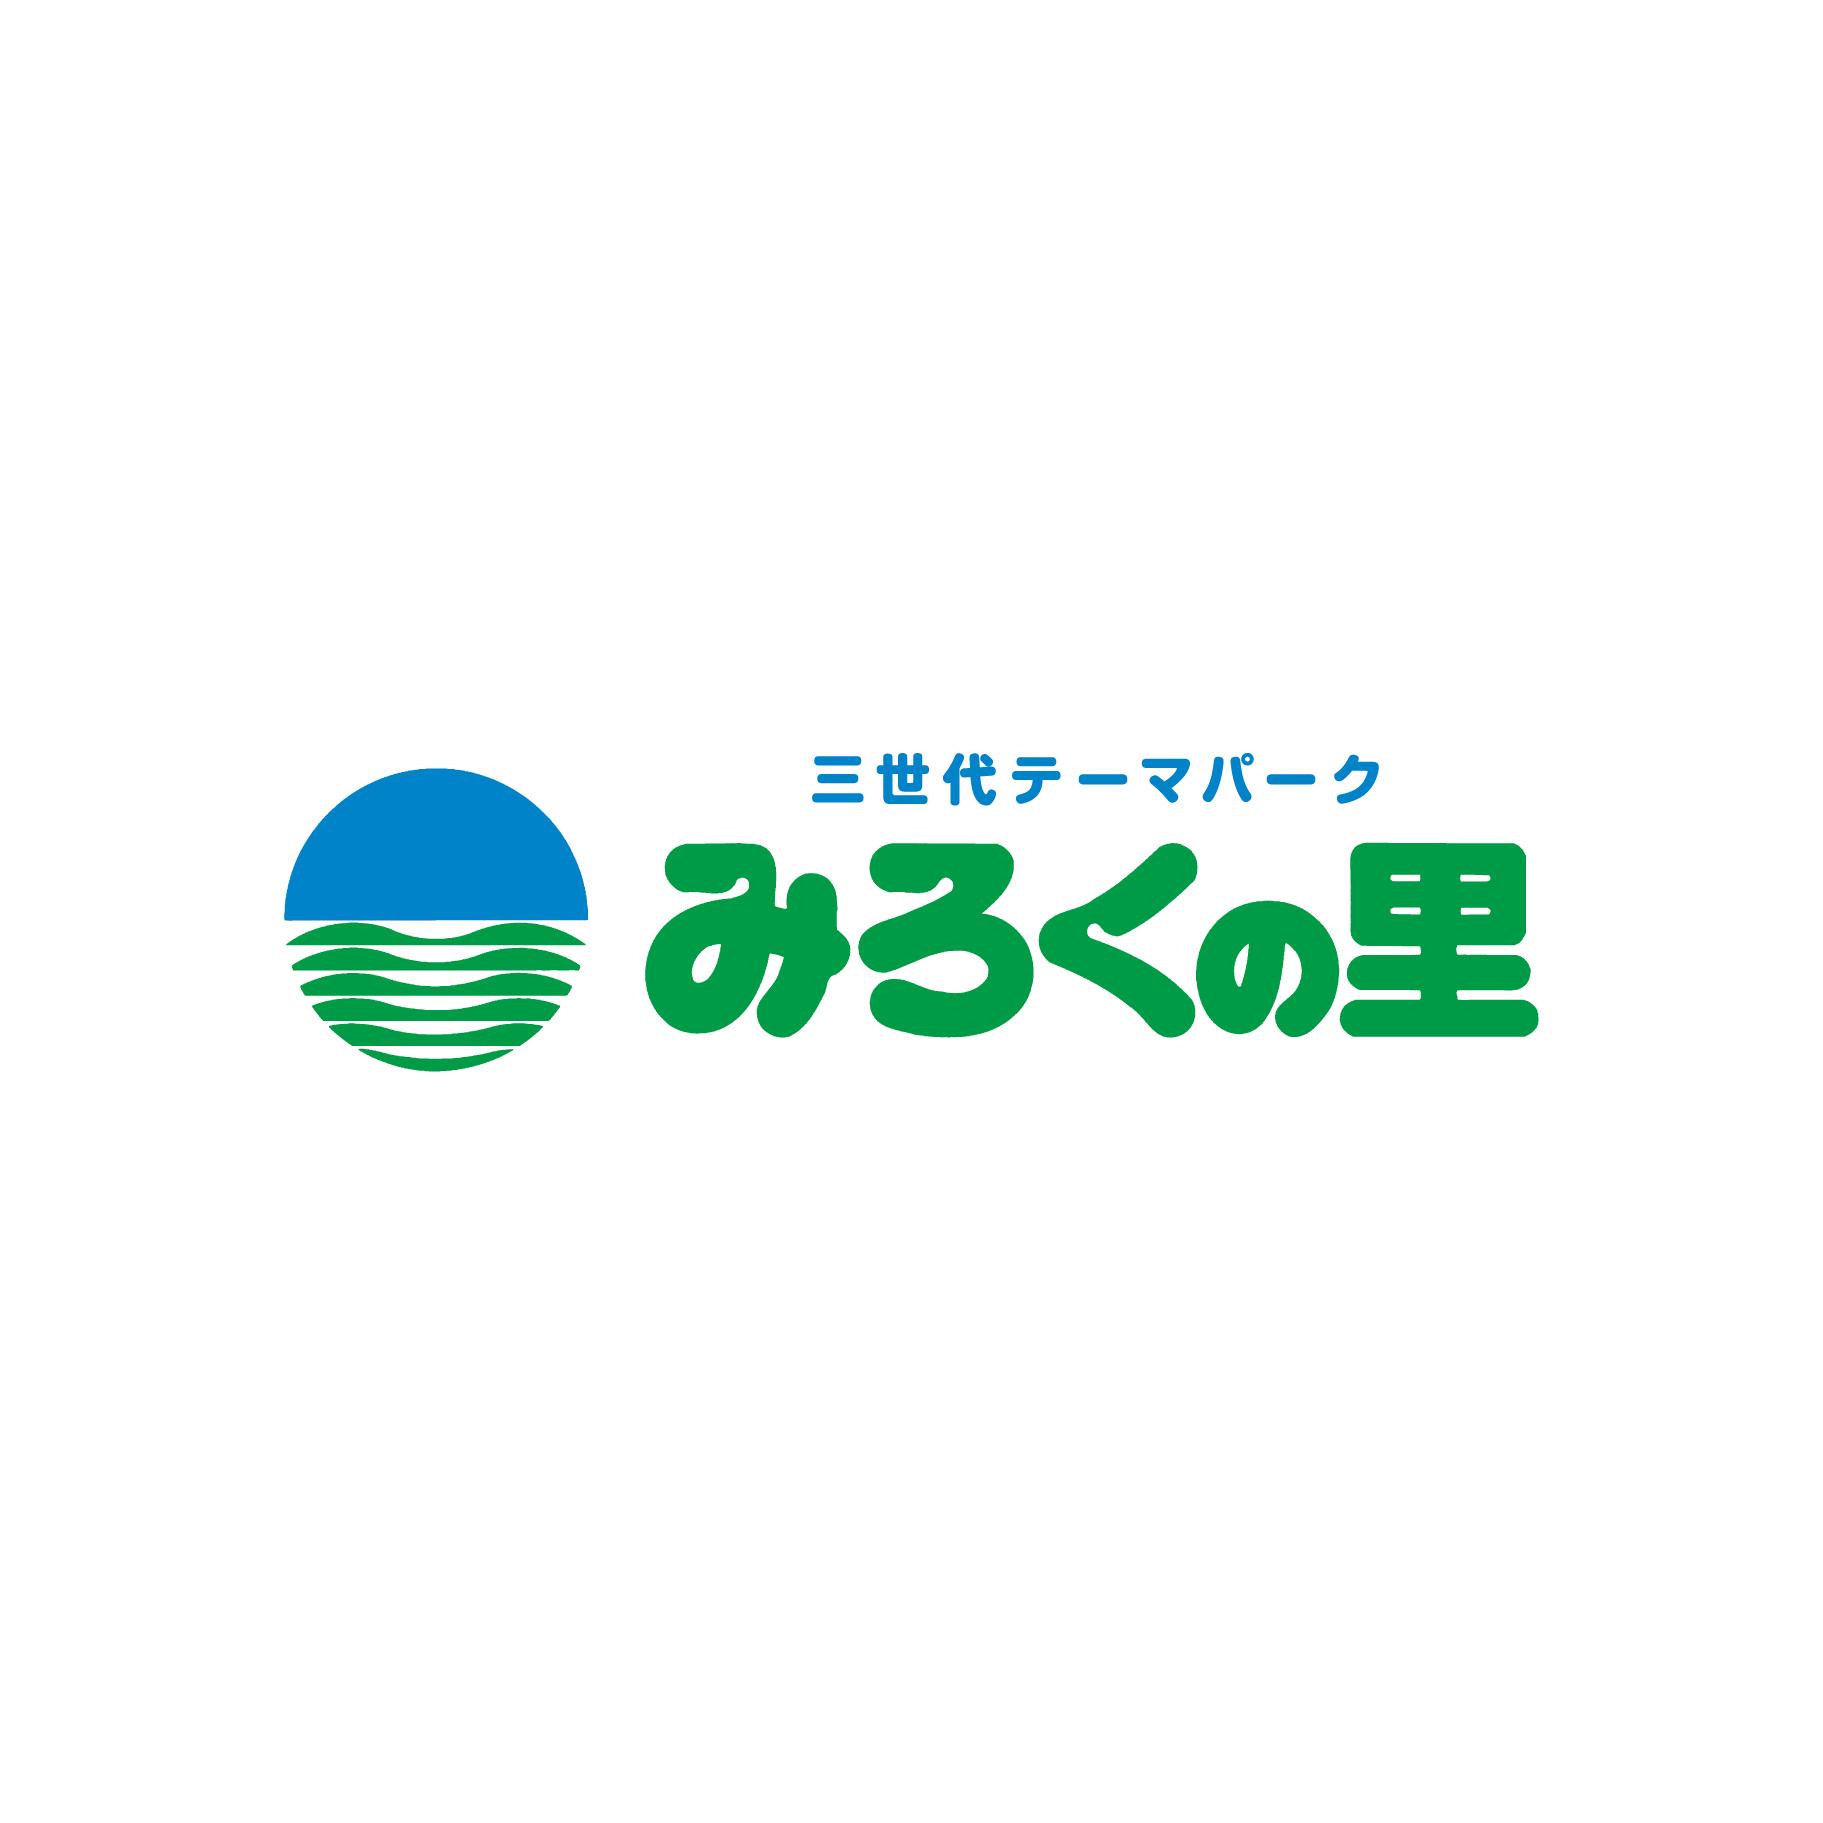 [お知らせ]三世代テーマパークみろくの里、8/25(火)台風15号接近により臨時休業